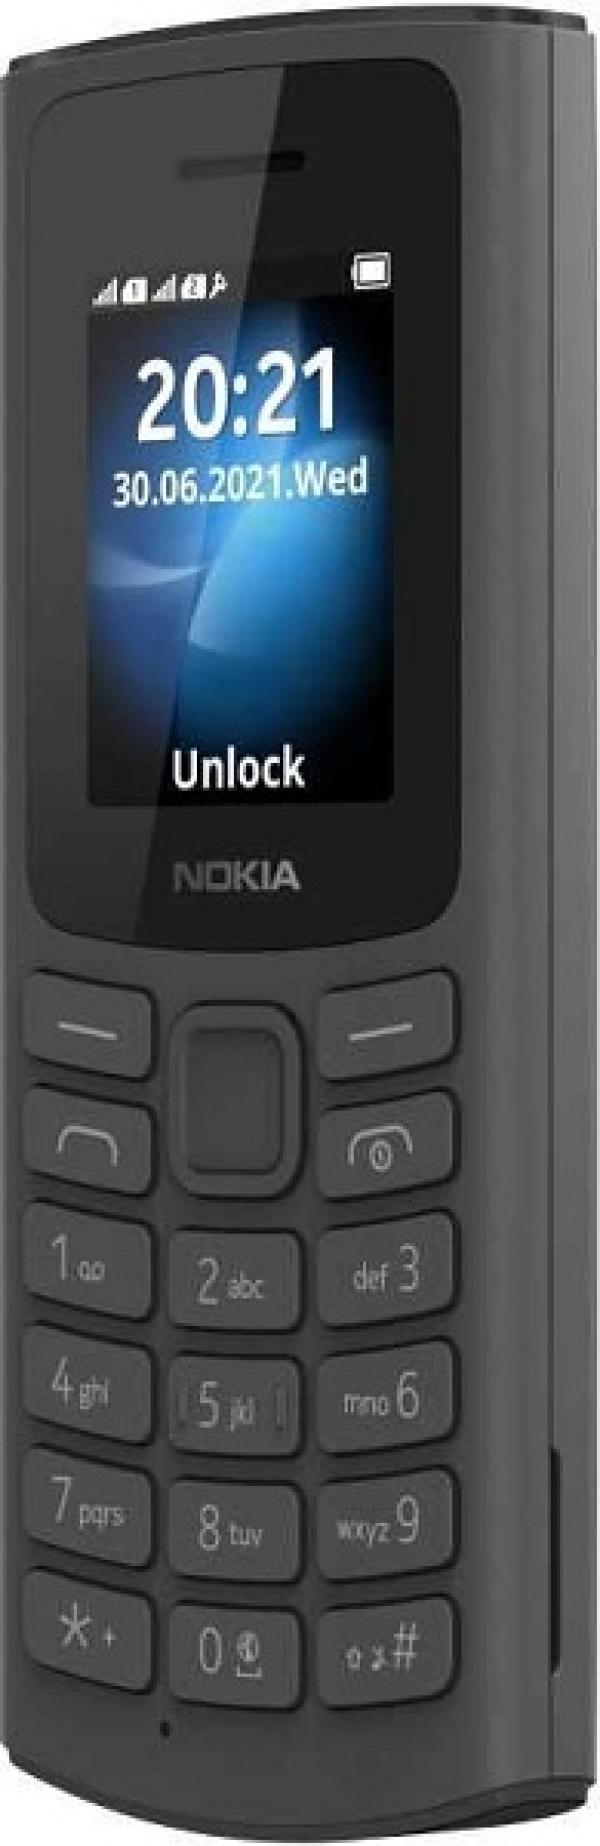 """Мобильный телефон 2*SIM Nokia 105 DS 4G, GSM900/1800/1900, 1.8"""" 160*120, FM радио, 50*121*14.4мм 80г, черный"""